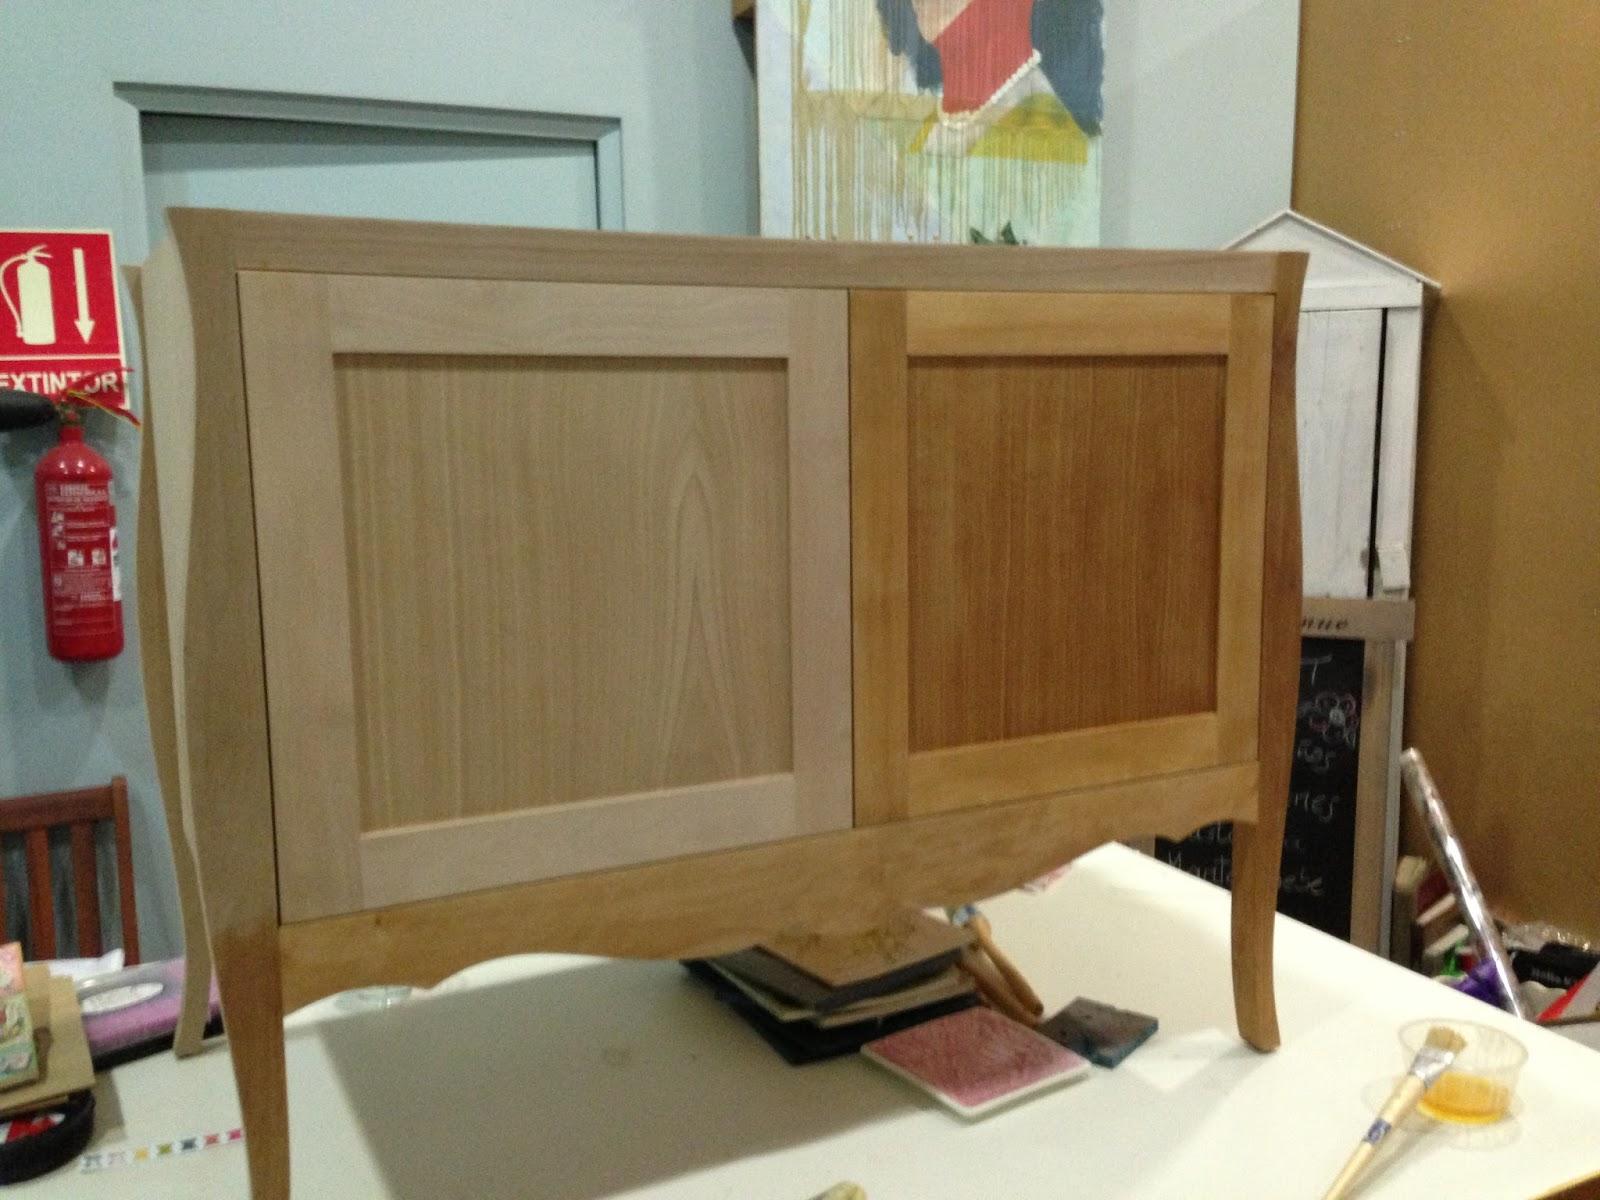 Muebles Pintados De Colores Imagen Pintura Tiza Uclos Muebles  # Muebles Sin Barnizar